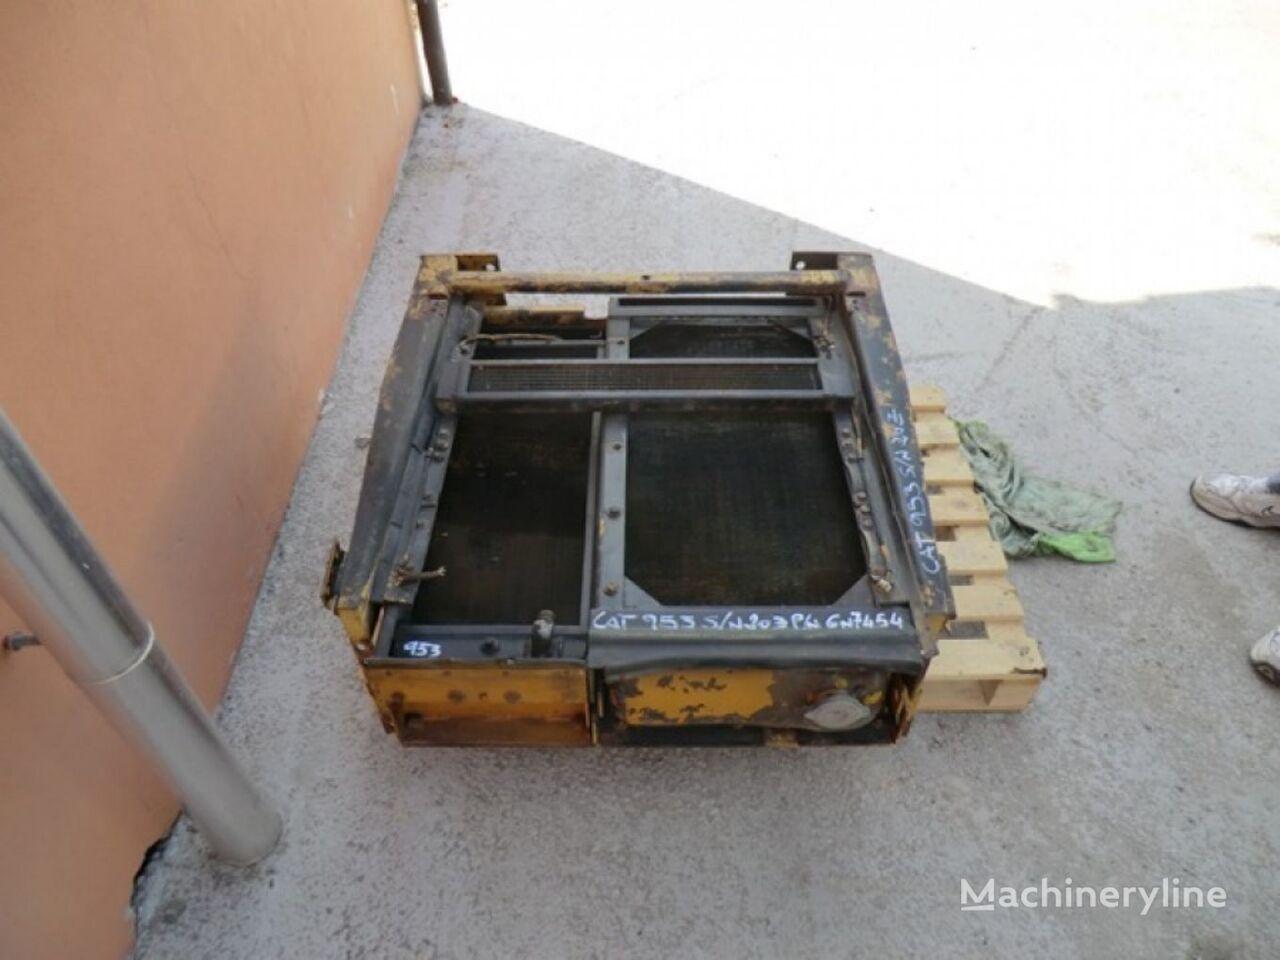 OIL COOLER engine oil cooler for CATERPILLAR 953 track loader